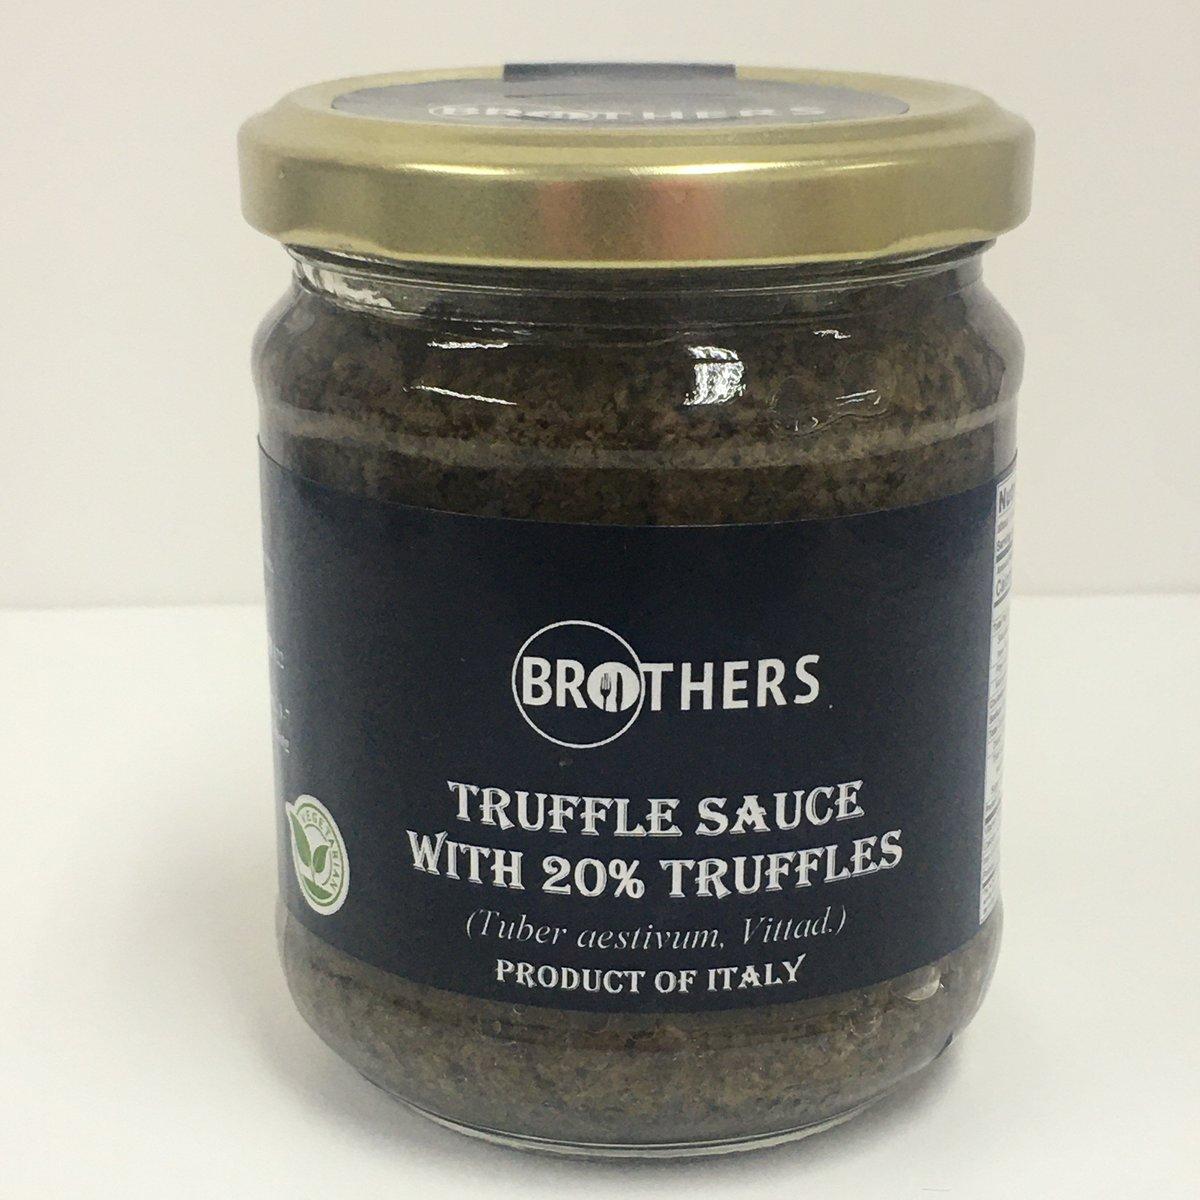 【意大利】(20%) 高級優質黑松露醬180g